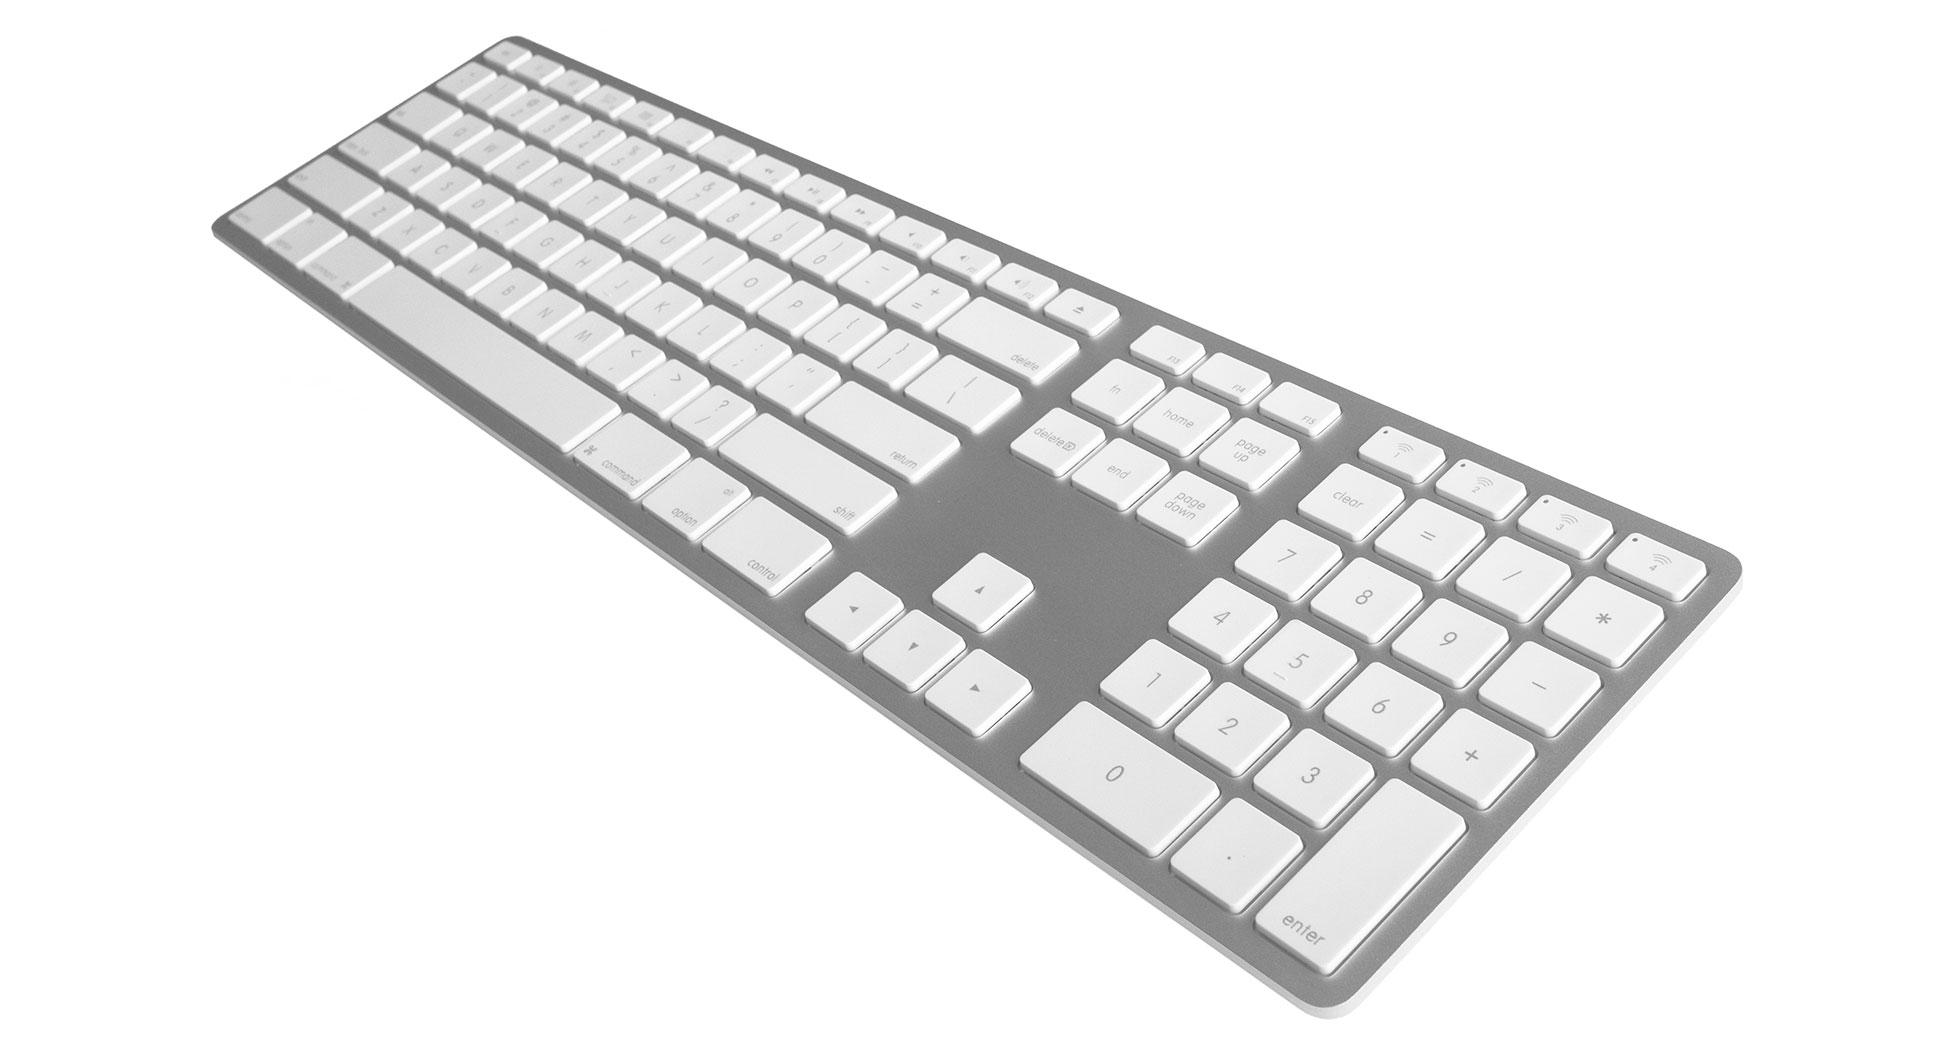 5b4f55f7e64 Matias Wireless Aluminum Keyboard